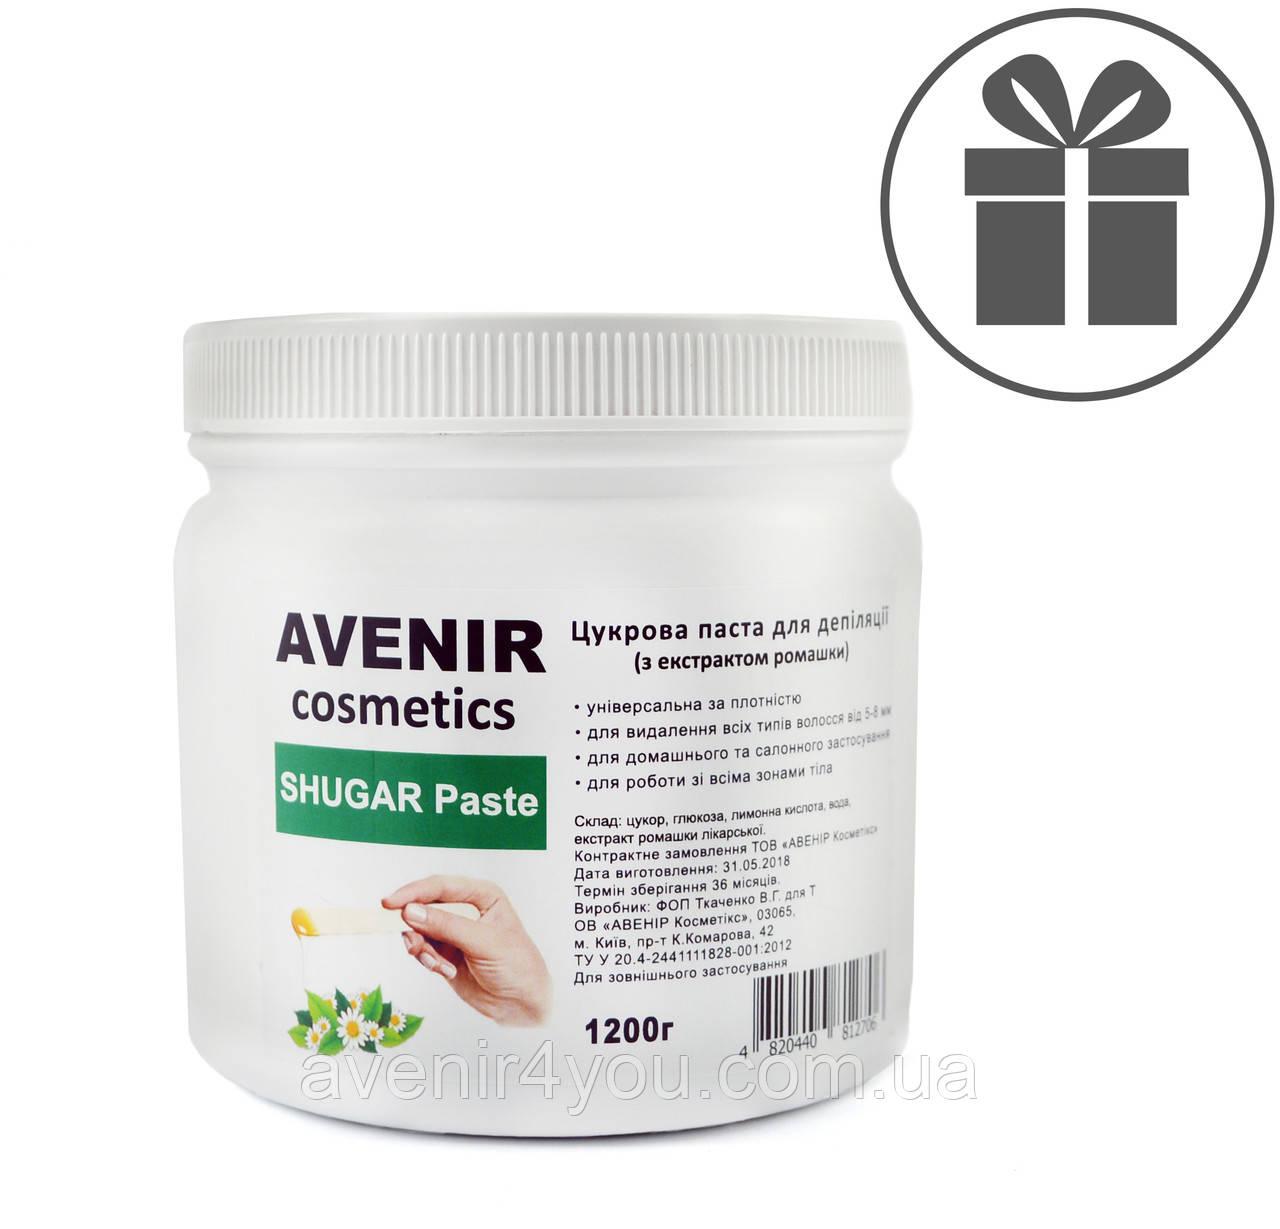 Сахарная паста для шугаринга Avenir 1200 г + Полоски для депиляции в подарок